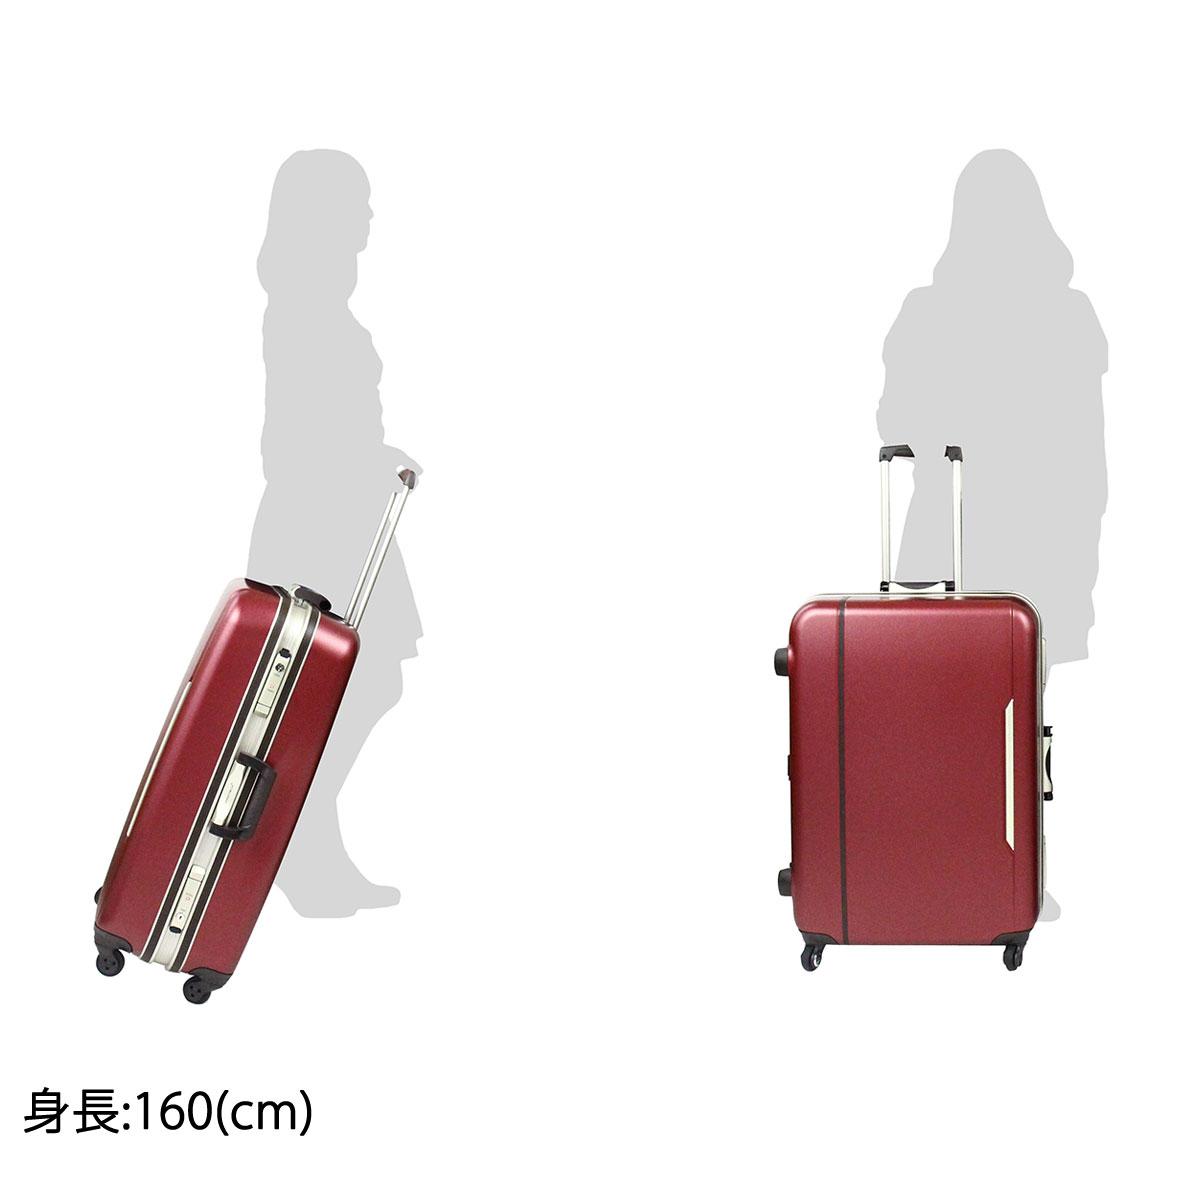 ProtecA プロテカ rectclassic スーツケース 旅行